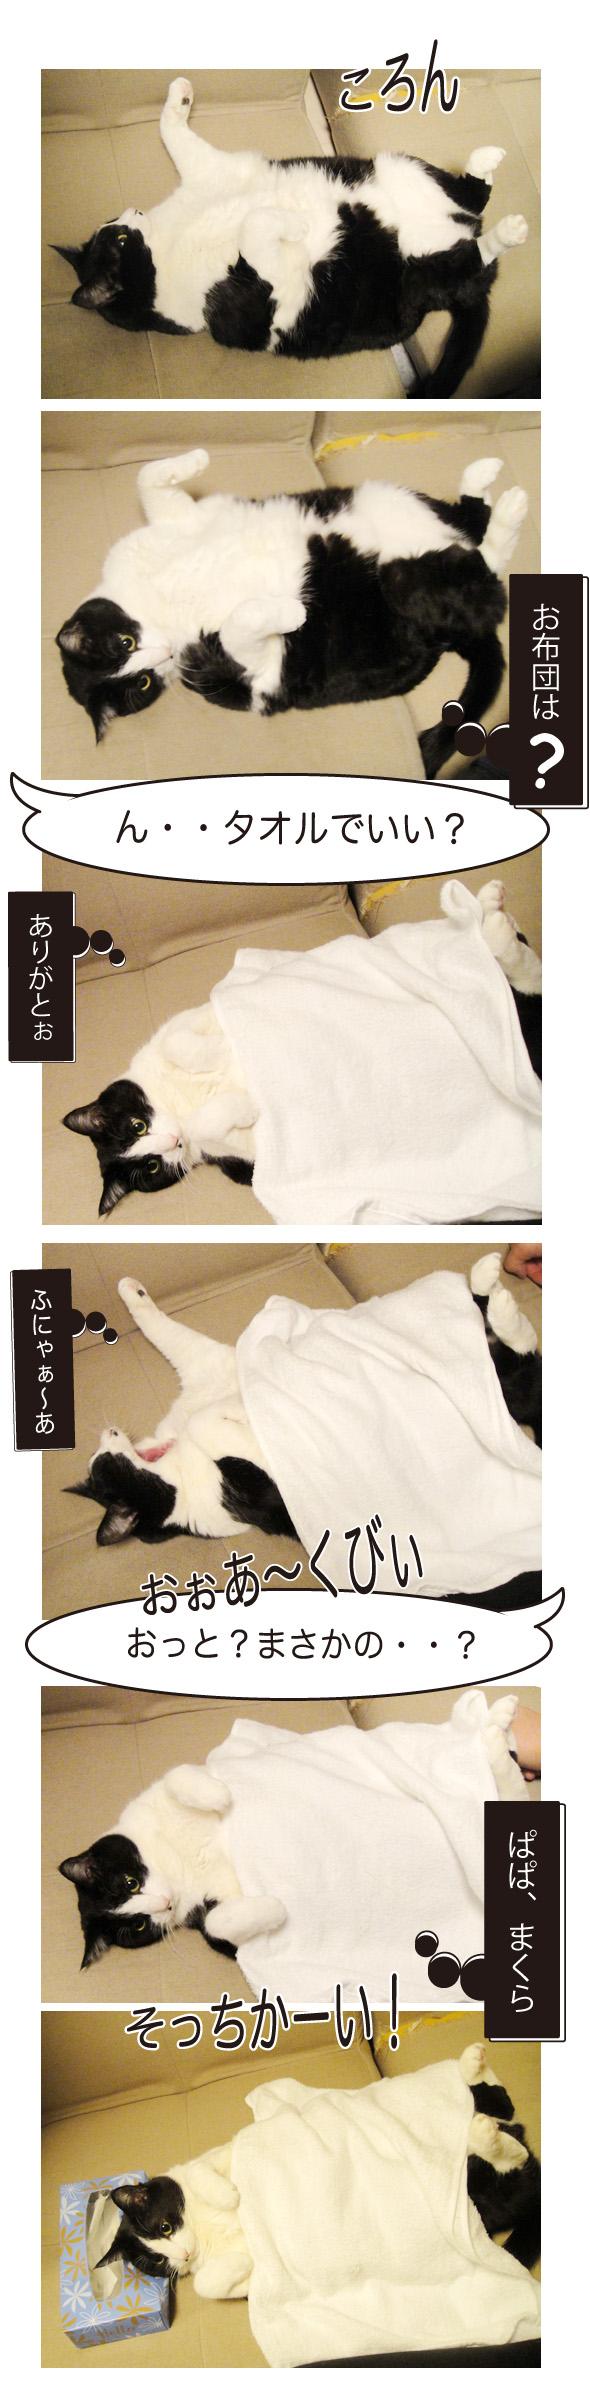 お布団をかける猫